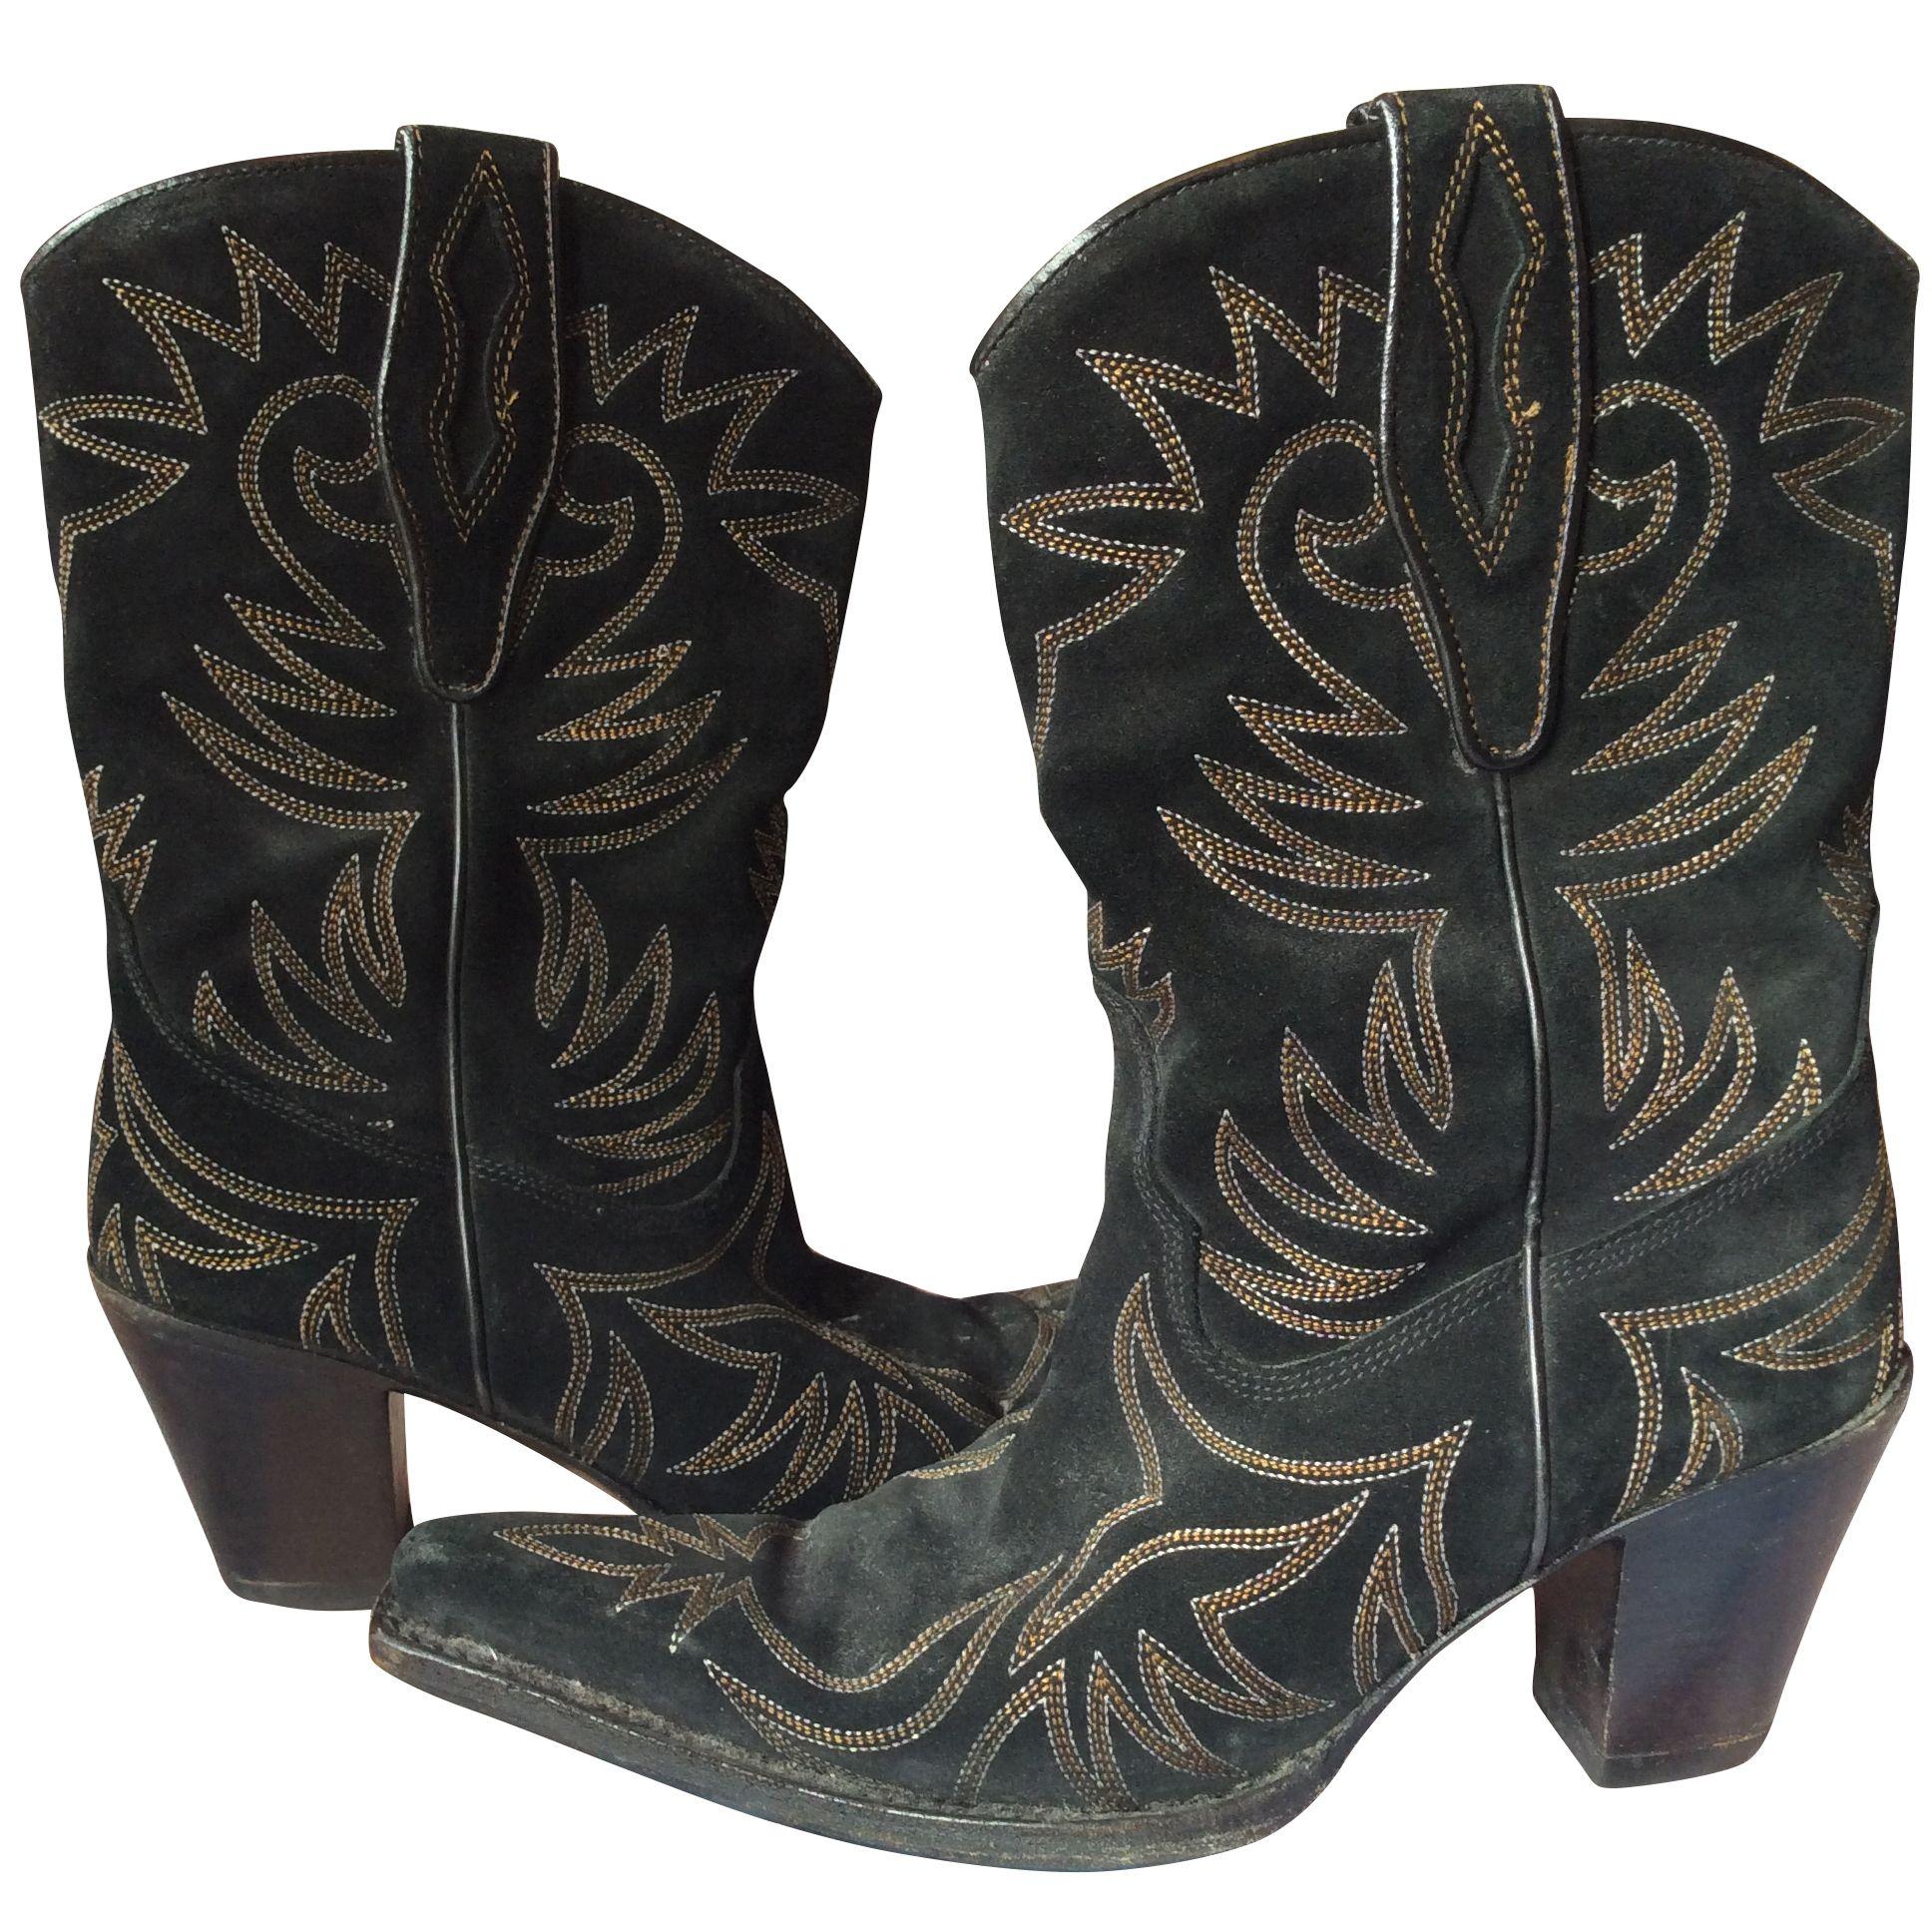 9891a0b8cc8 R Soles vintage suede cowboy boots, black, size 38